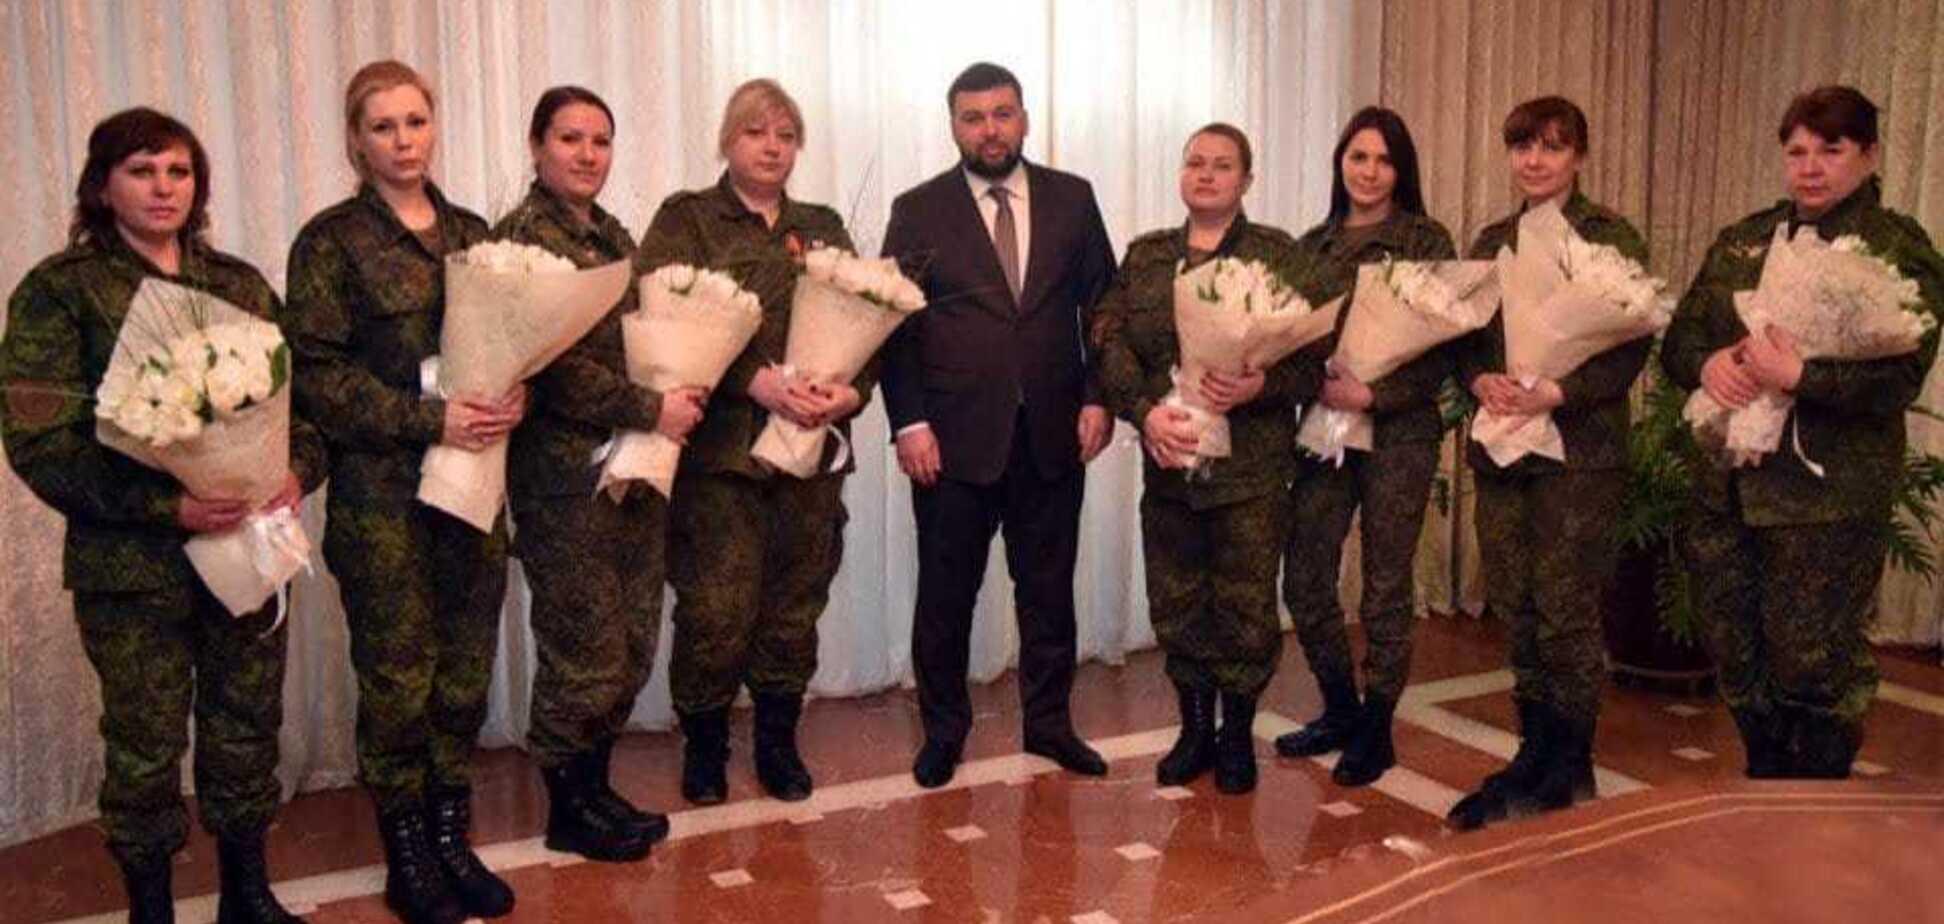 'Кто следующая?' Украинцы высмеяли 'парад ополченочек' с Пушилиным